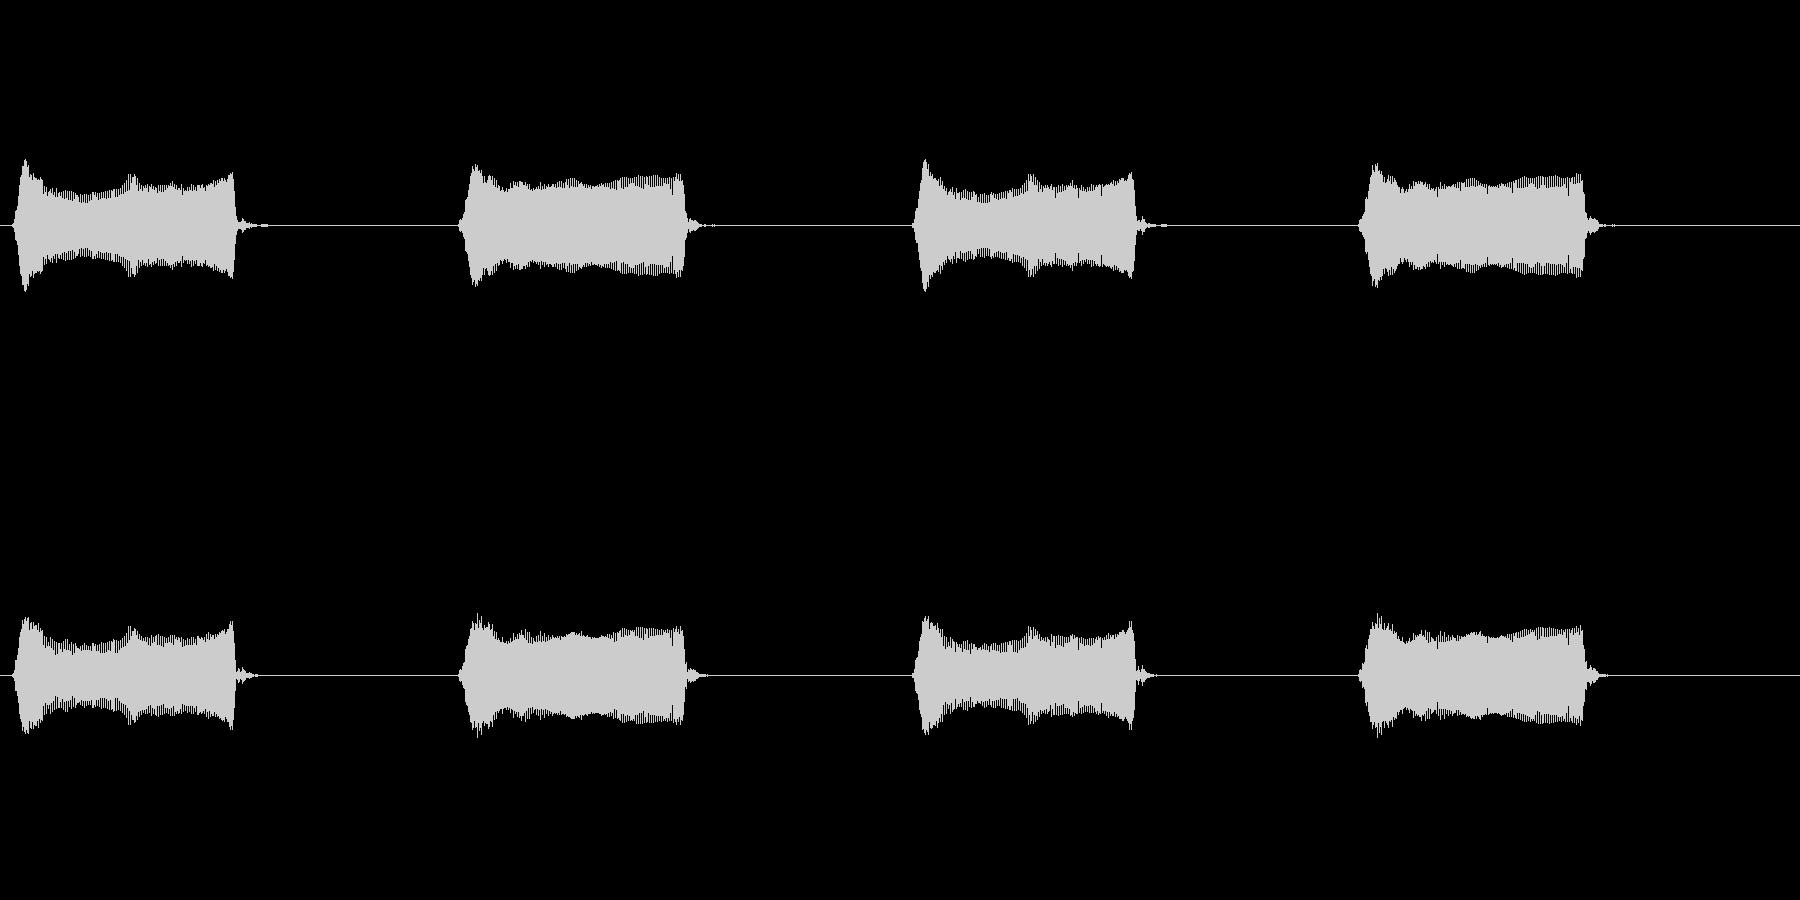 【携帯電話 バイブ01-3L】の未再生の波形